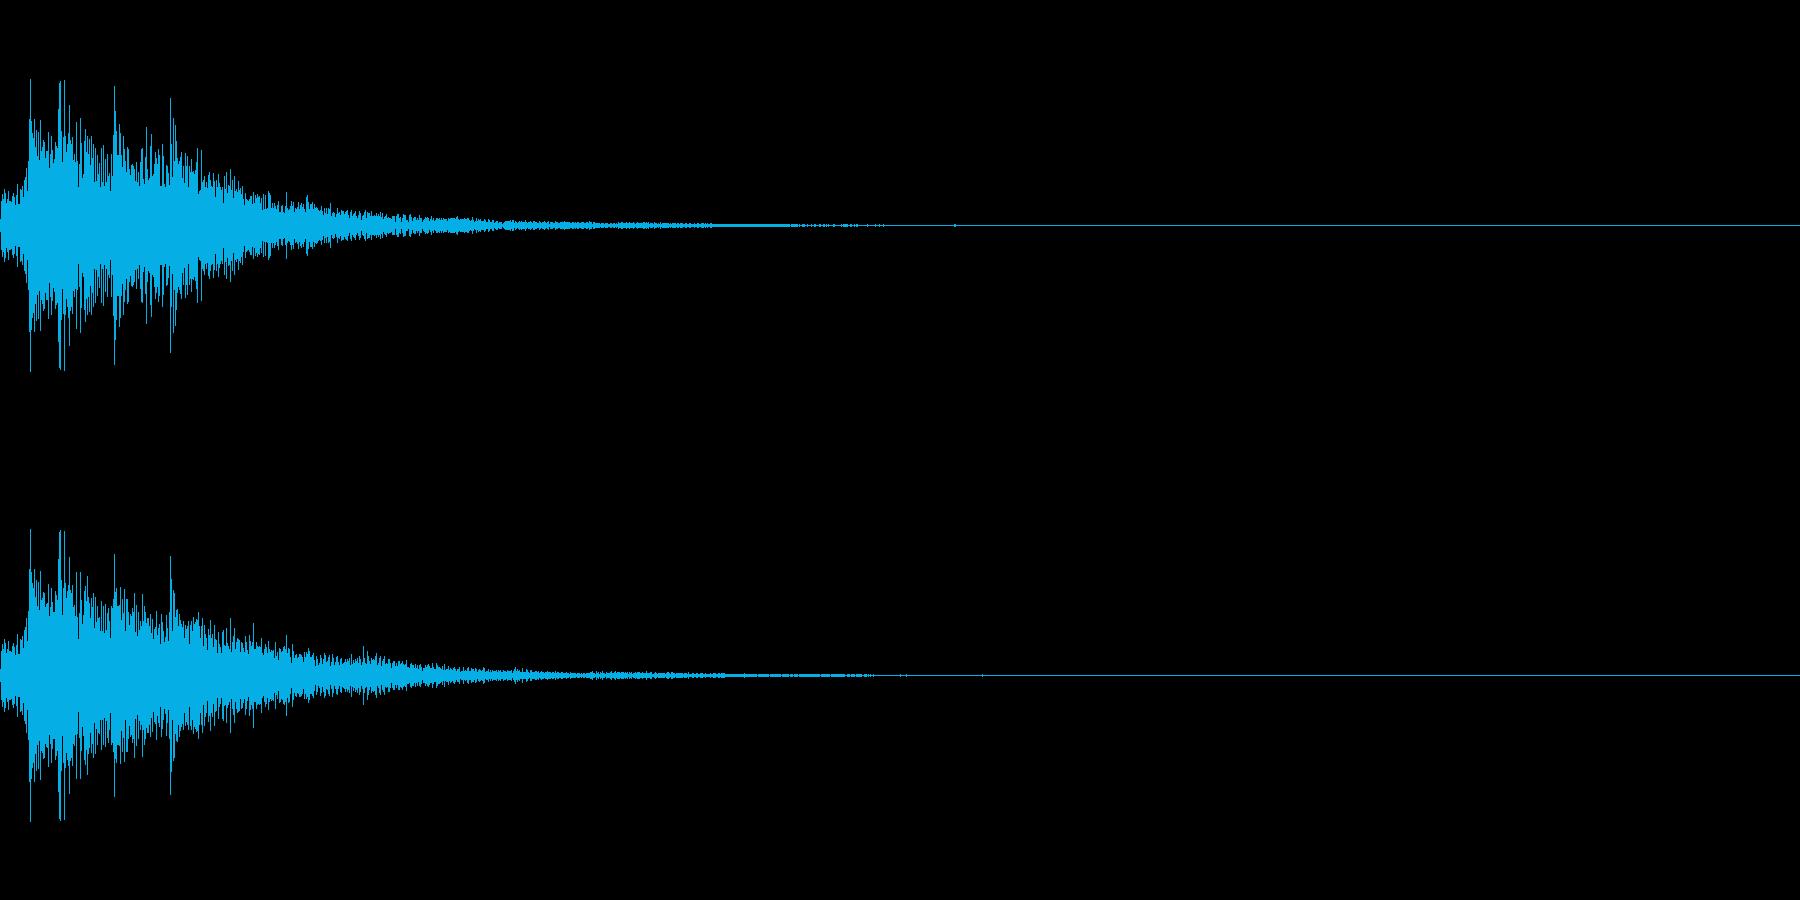 ピロン(ゲーム・アプリ等の決定音)の再生済みの波形